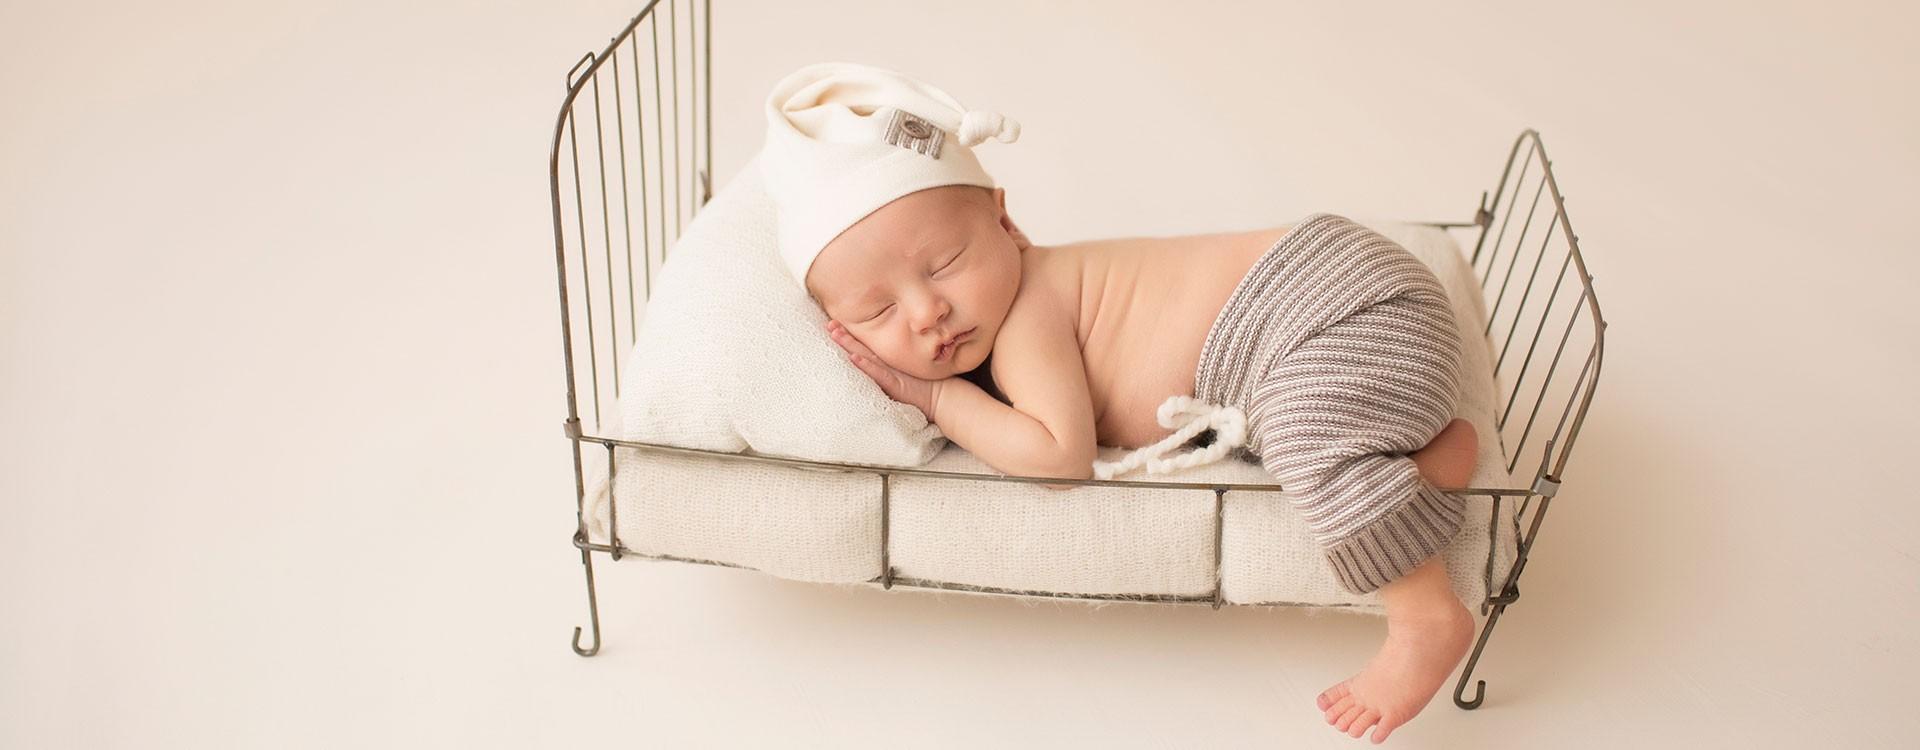 Jonah-Newborn-Photos-little-metal-bed-3797-5